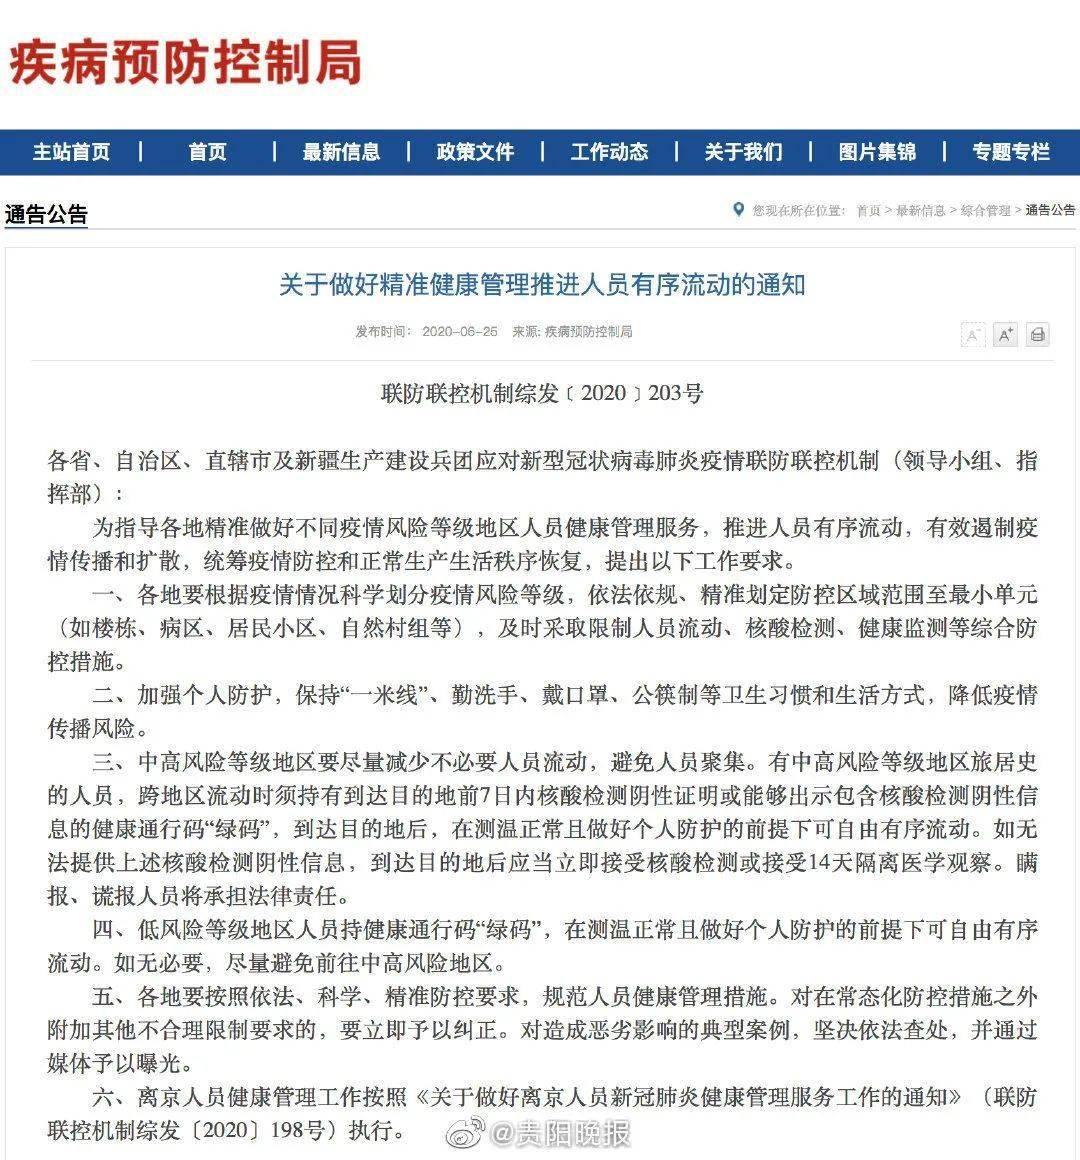 限制人口流动的后果_东北开放人口限制